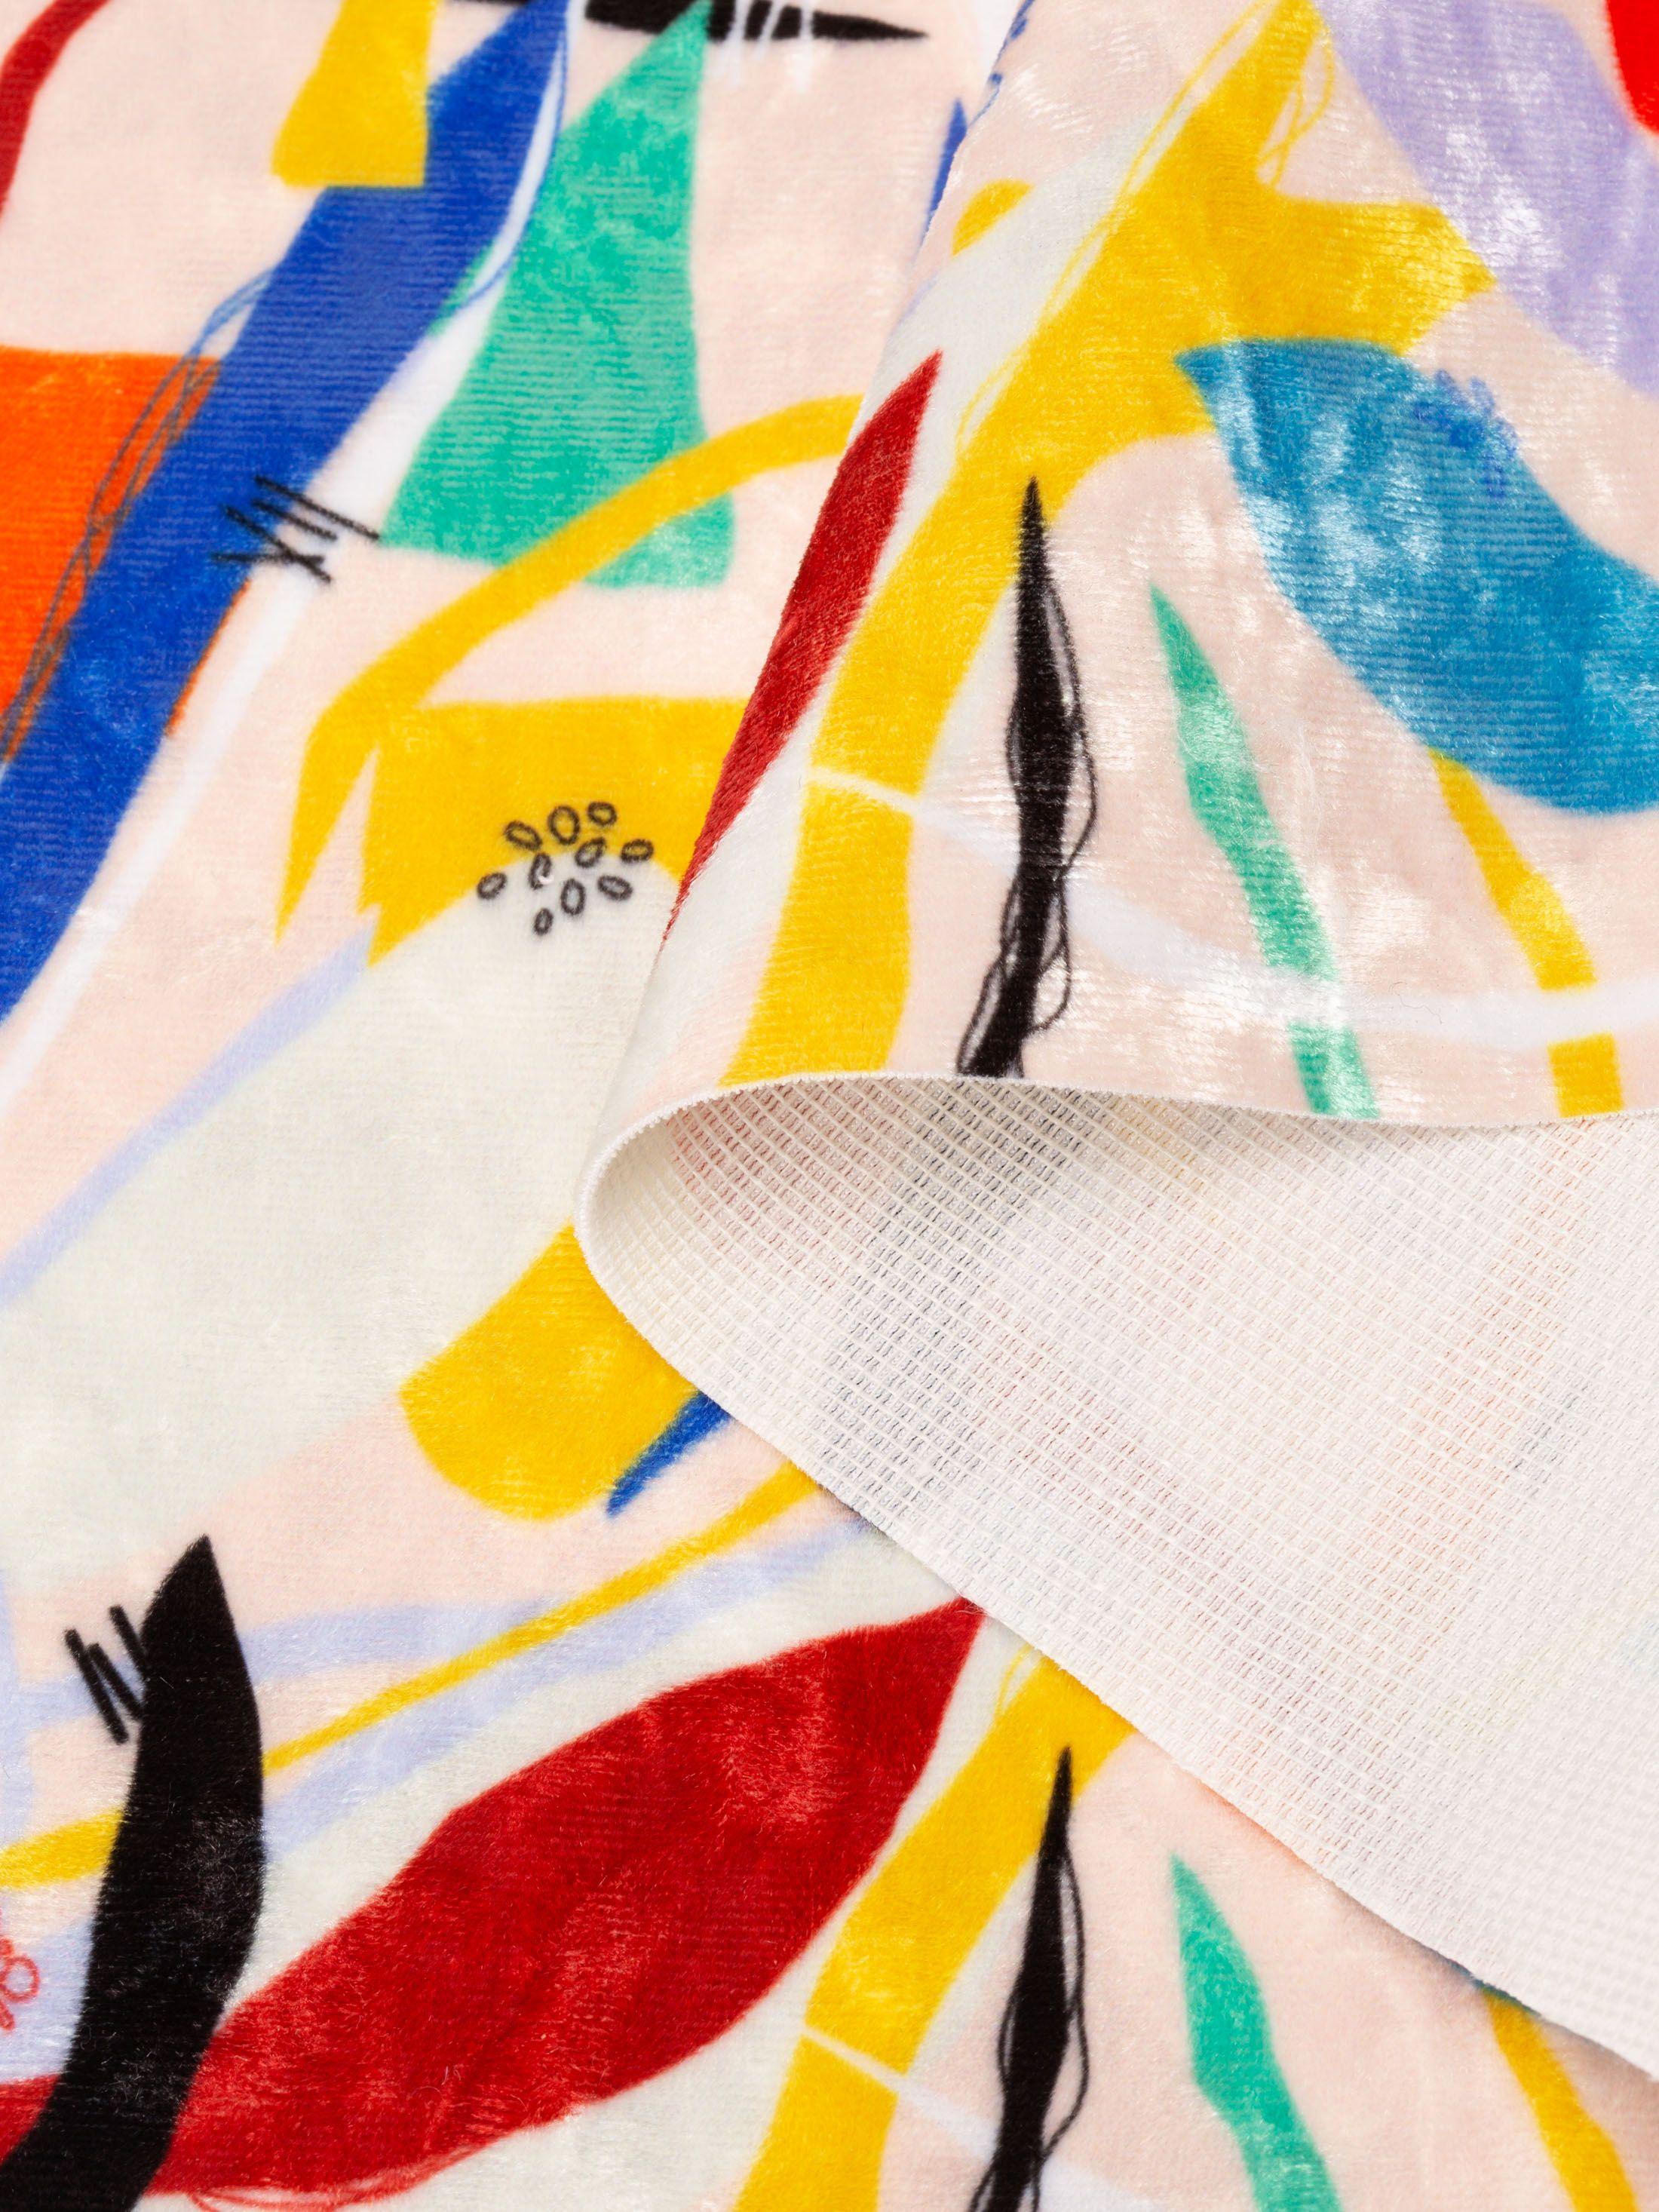 Panne de velours marbrée pour projets de couture